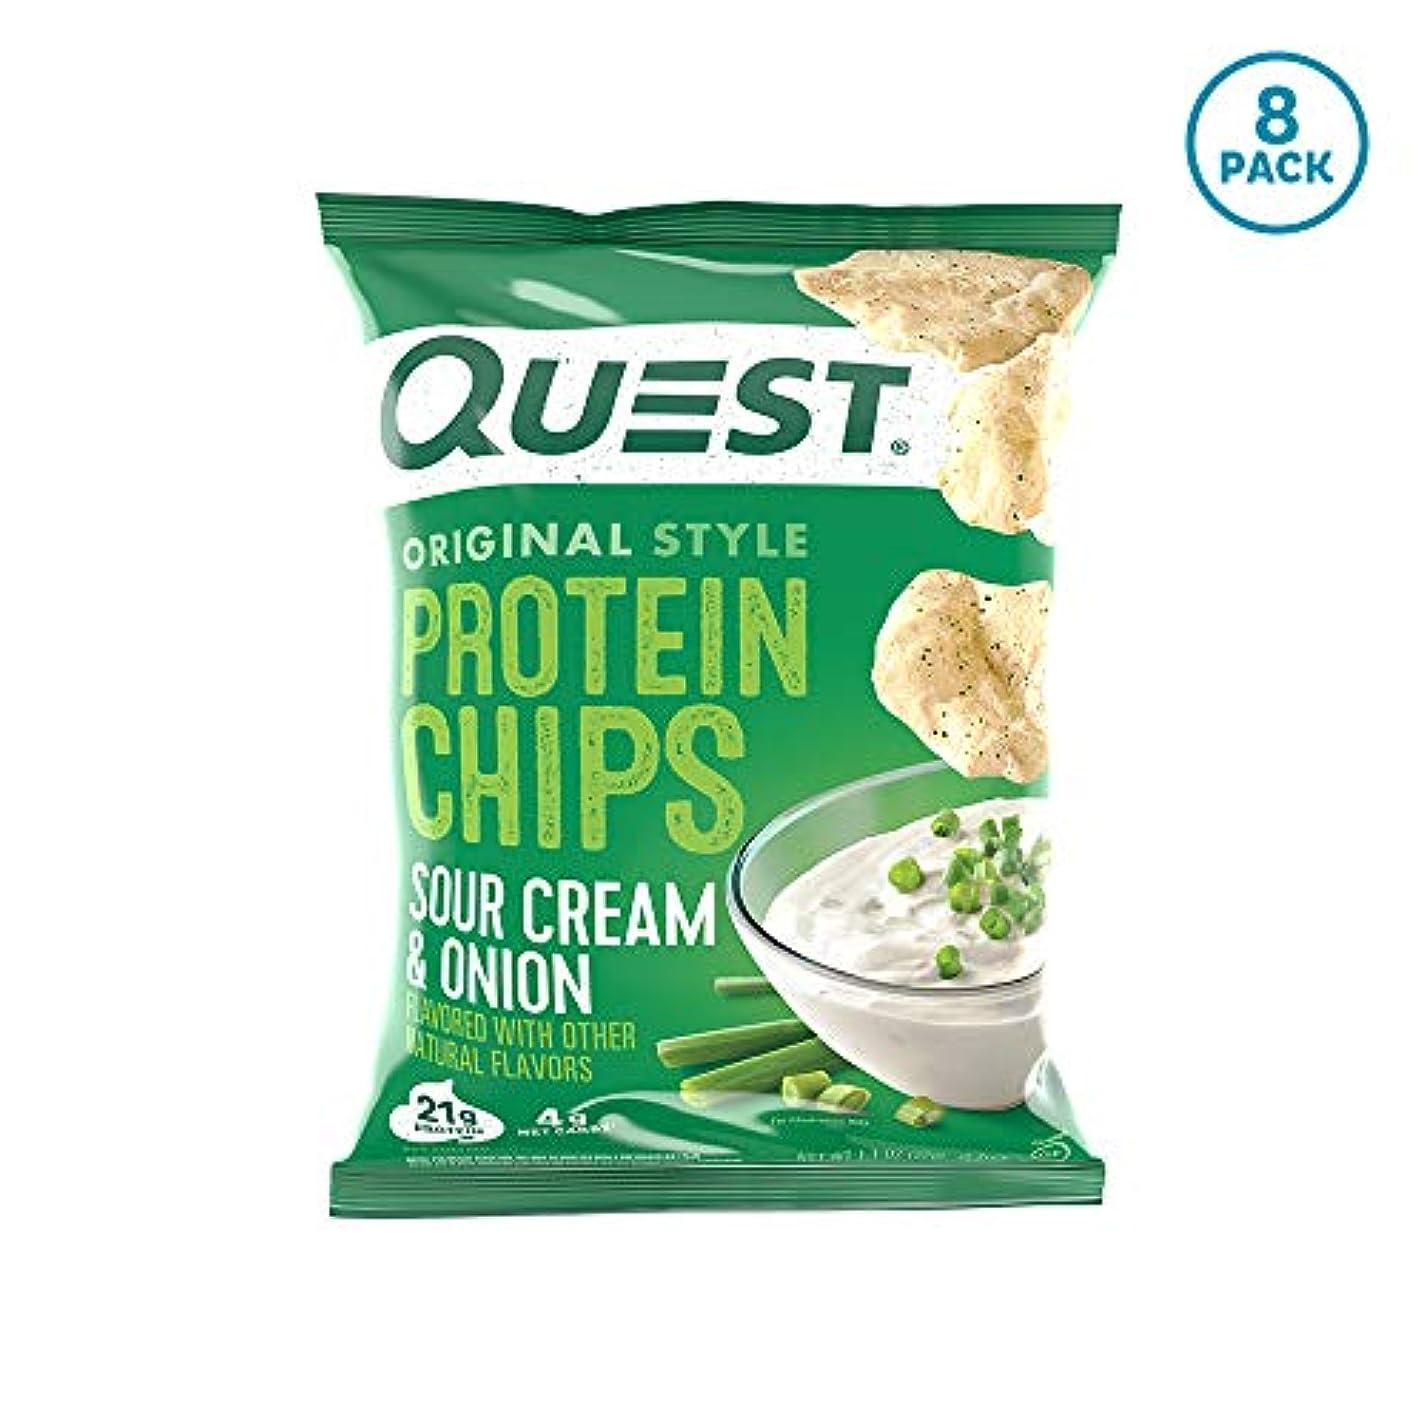 ギャングスター人気ポルノプロテイン チップス サワークリーム&オニオン フレイバー クエスト 8袋セット 並行輸入品 Quest Nutrition Protein Chips Sour Cream & Onion Pack of 8 海外直送品